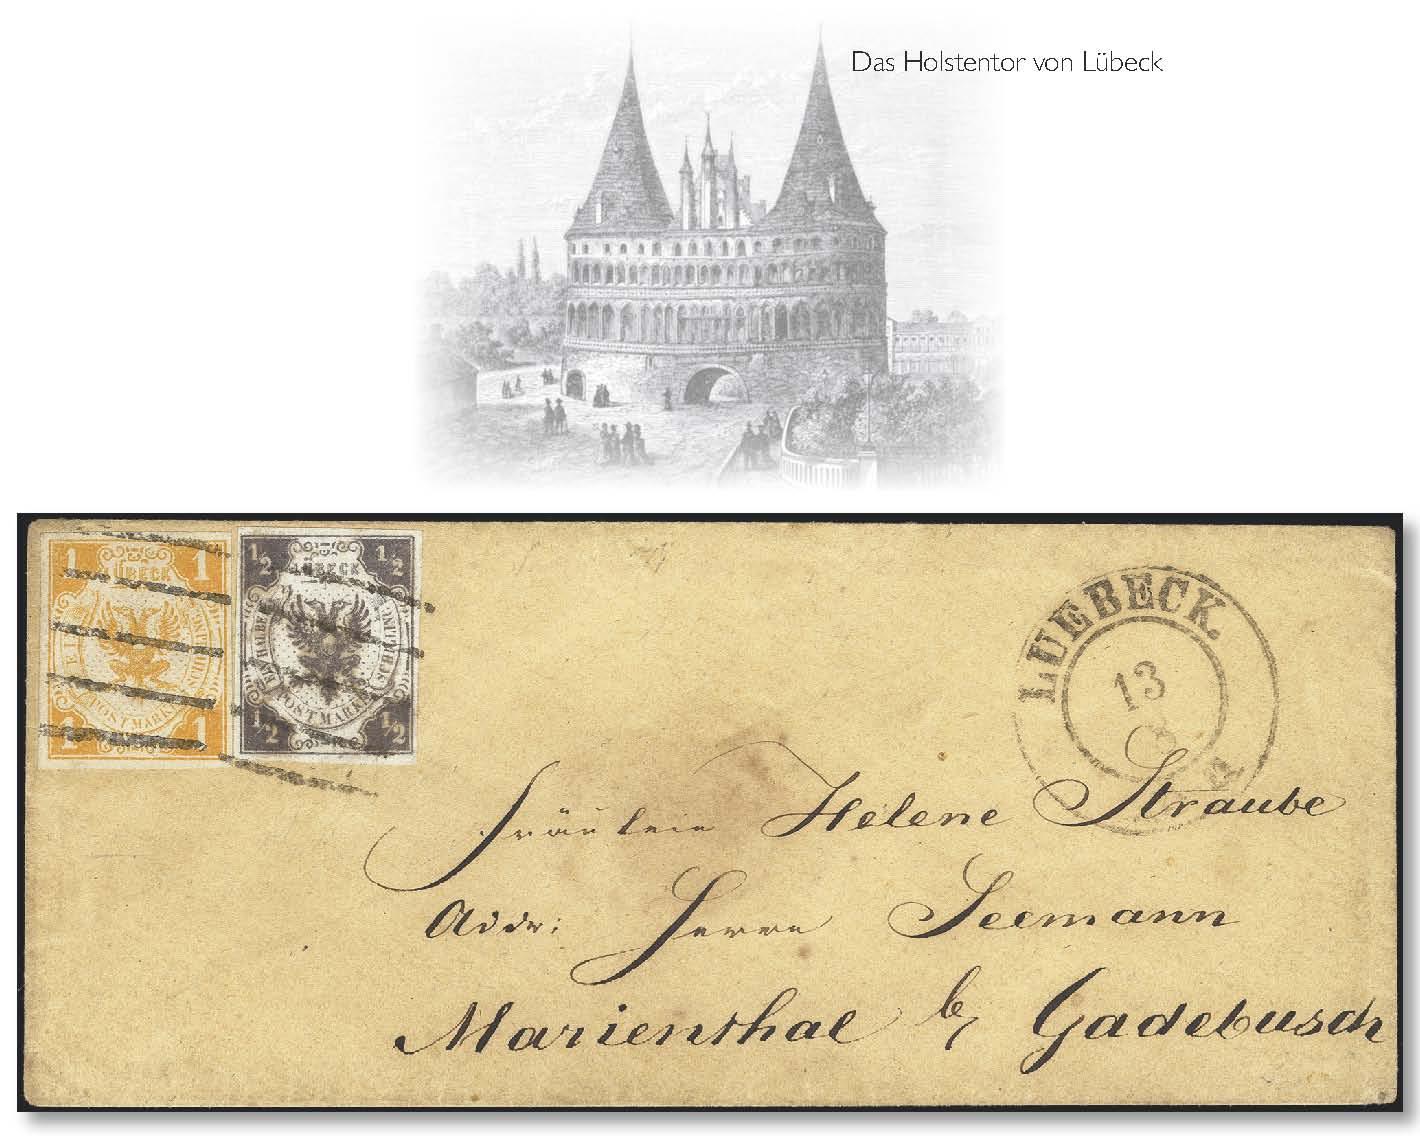 Lot 3414 - german states lübeck -  Heinrich Koehler Auktionen Heinrich Köhler Auction 376 - Day 5